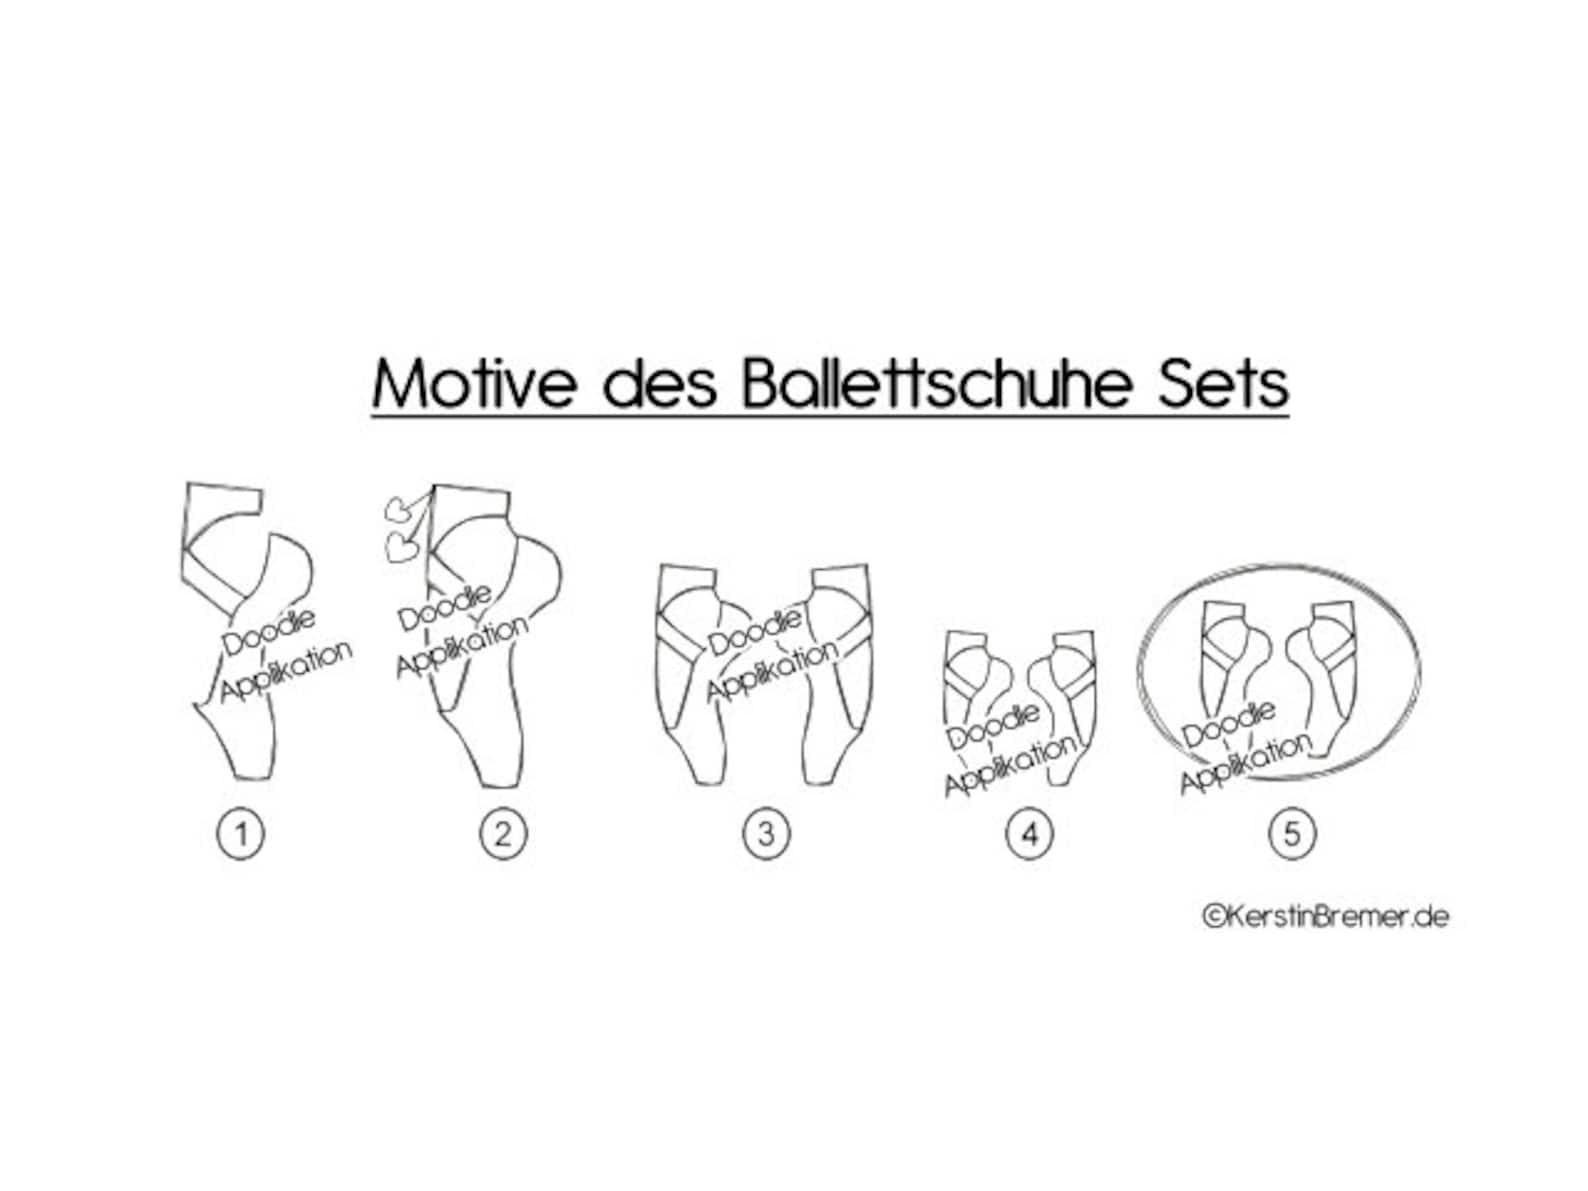 embroidery files set ballet shoes 10x10 doodle application ballet dance